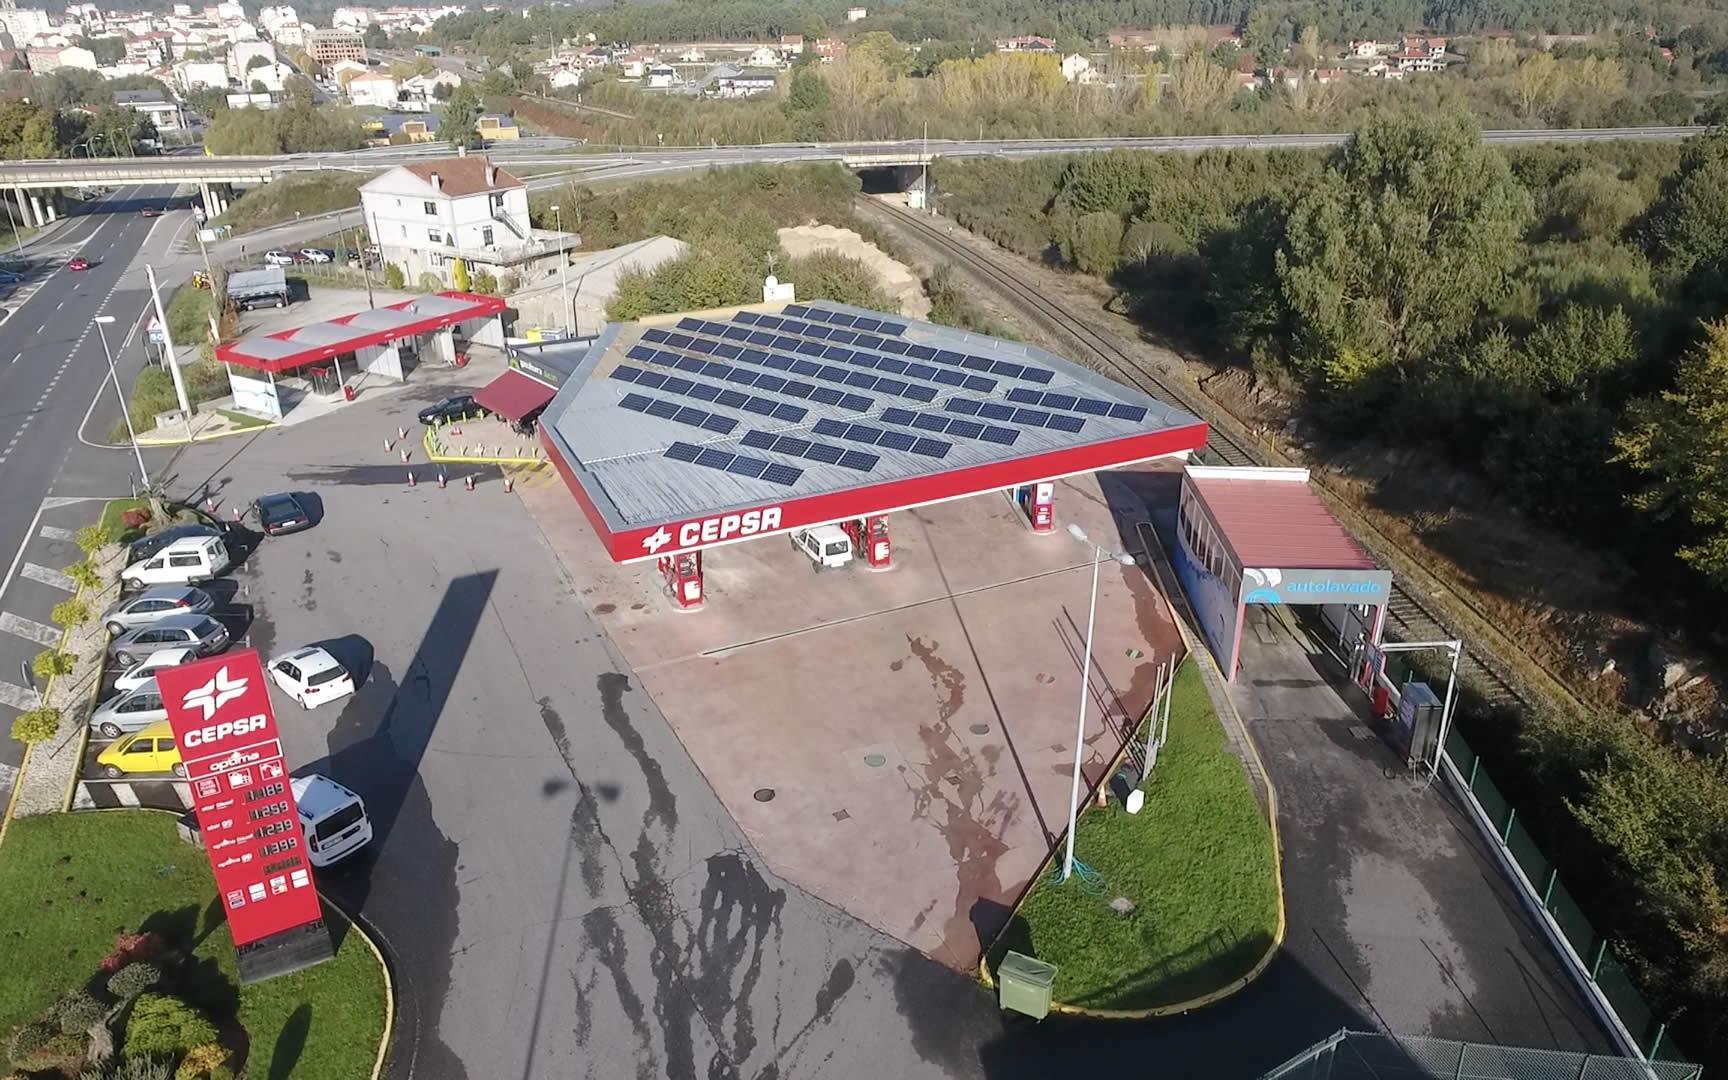 Instalación de autoconsumo fotovoltaico en E.S. Dacon (Ourense) - Eidf Solar